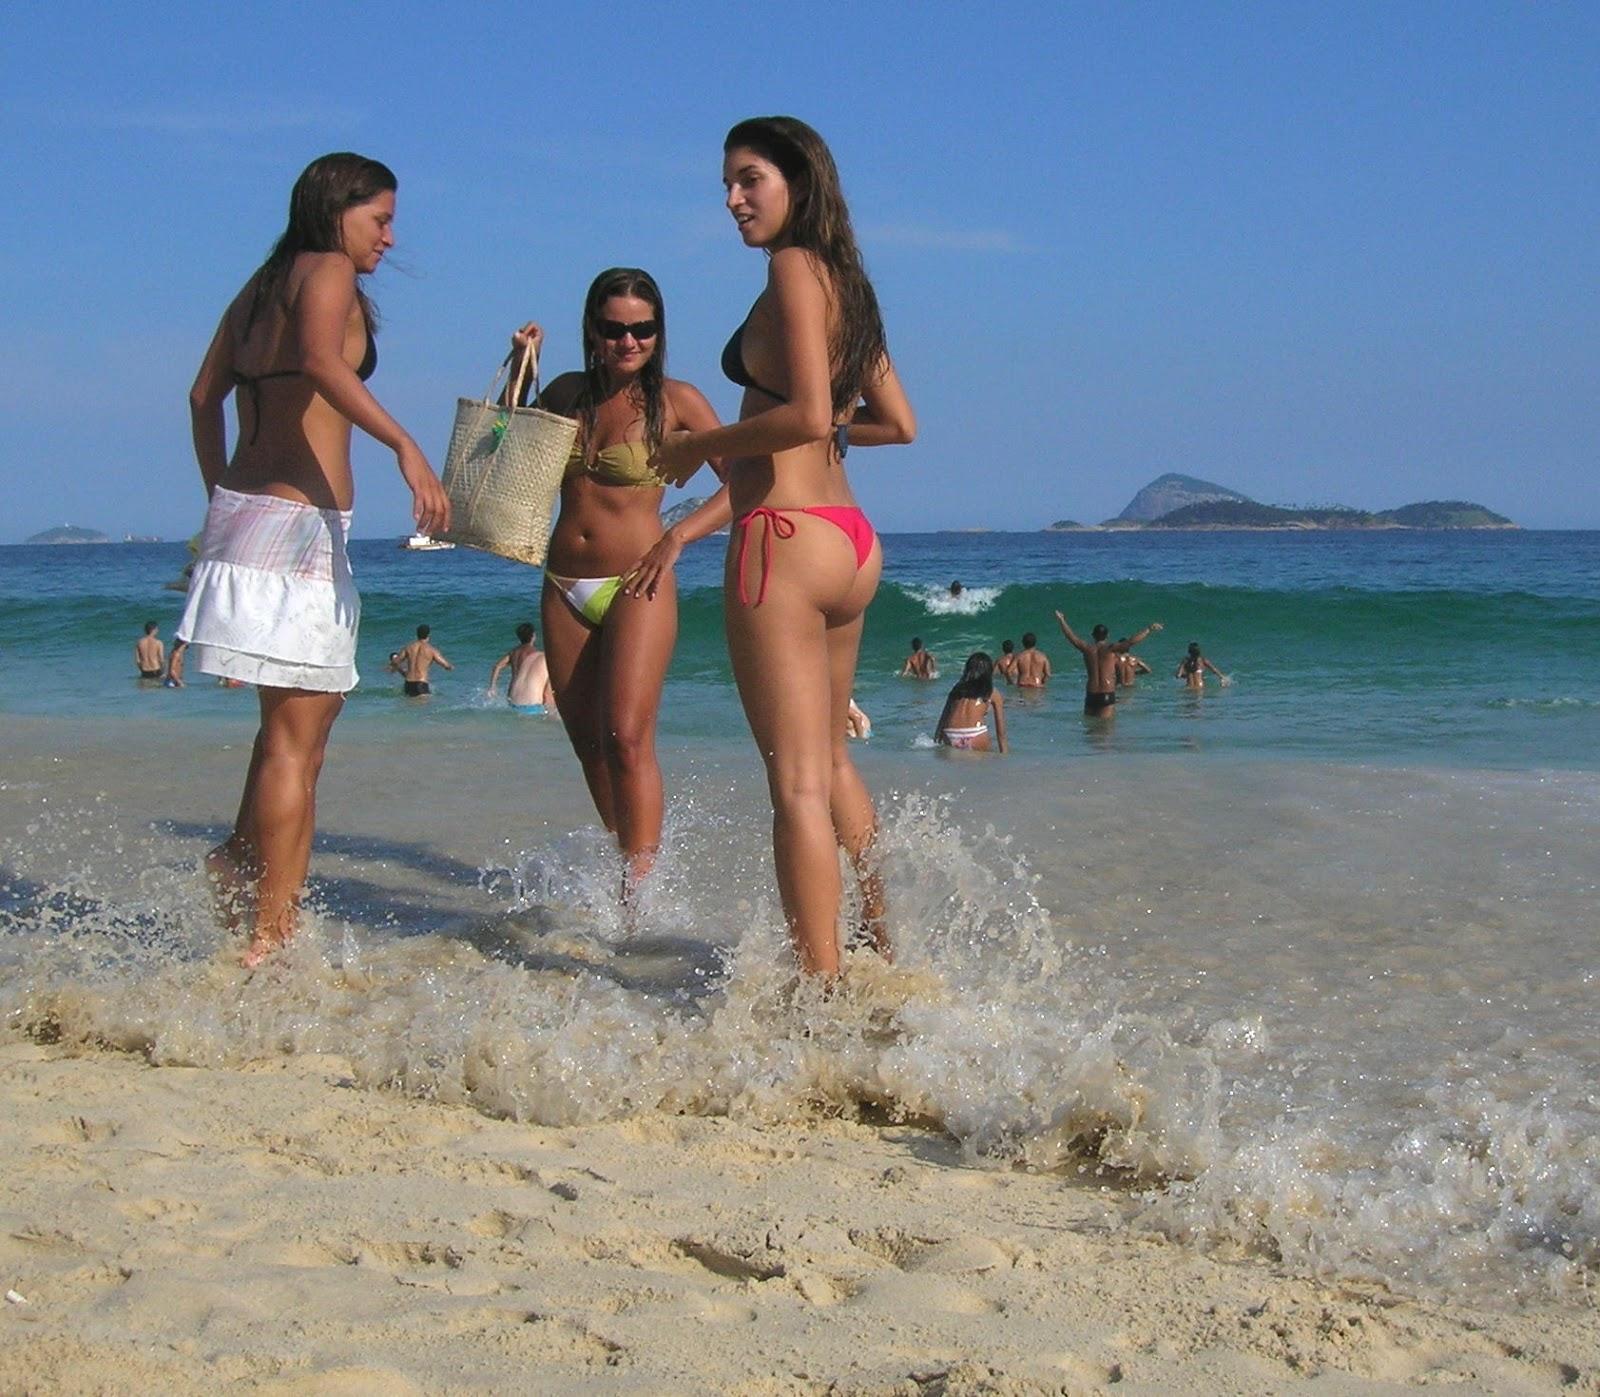 beach bikini girl Indian